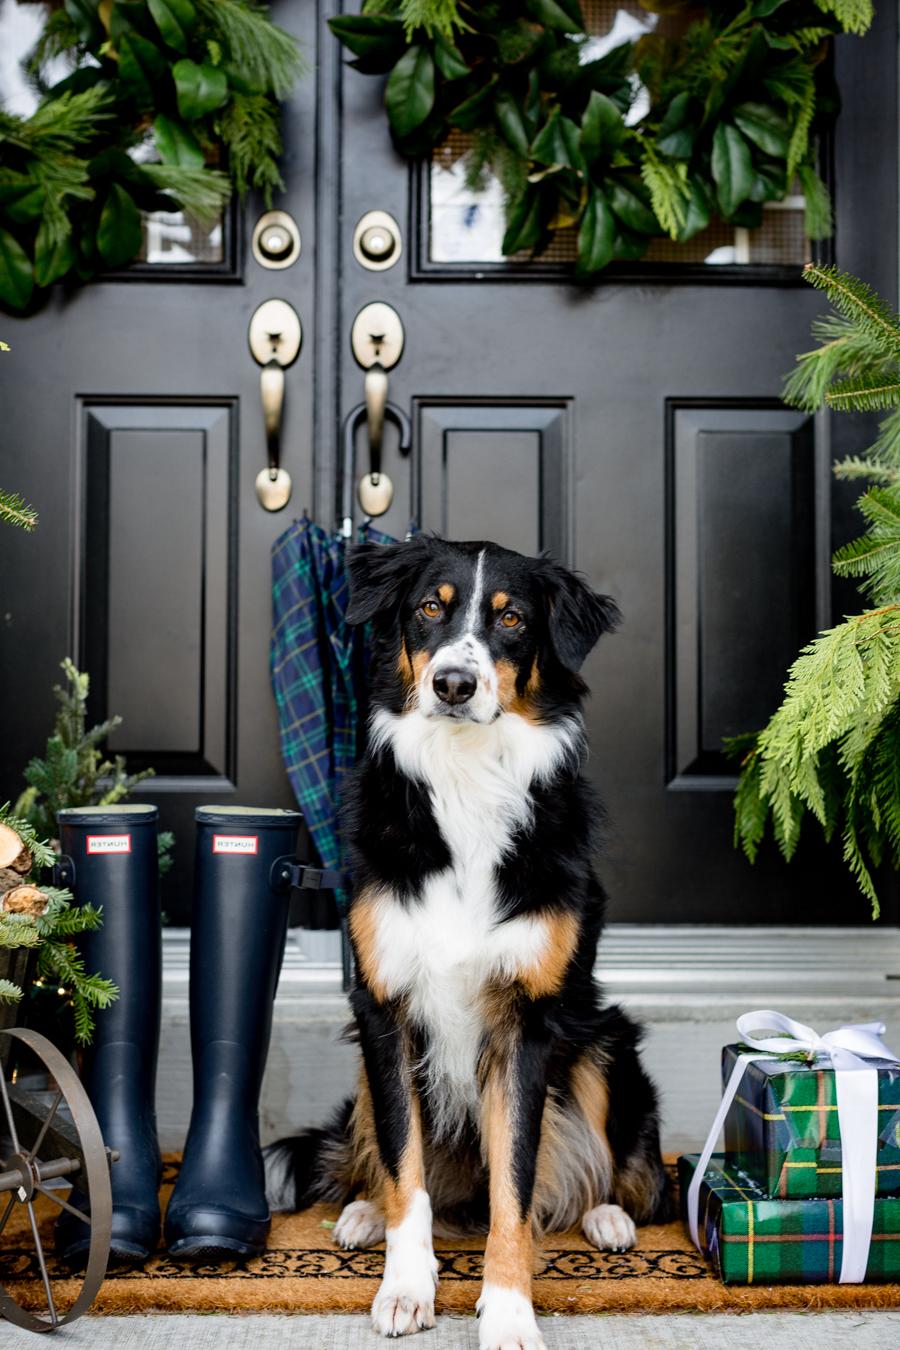 Verpassen Sie Ihrer Veranda einen festlichen Anstrich mit der richtigen Weihnachtsdeko draußen